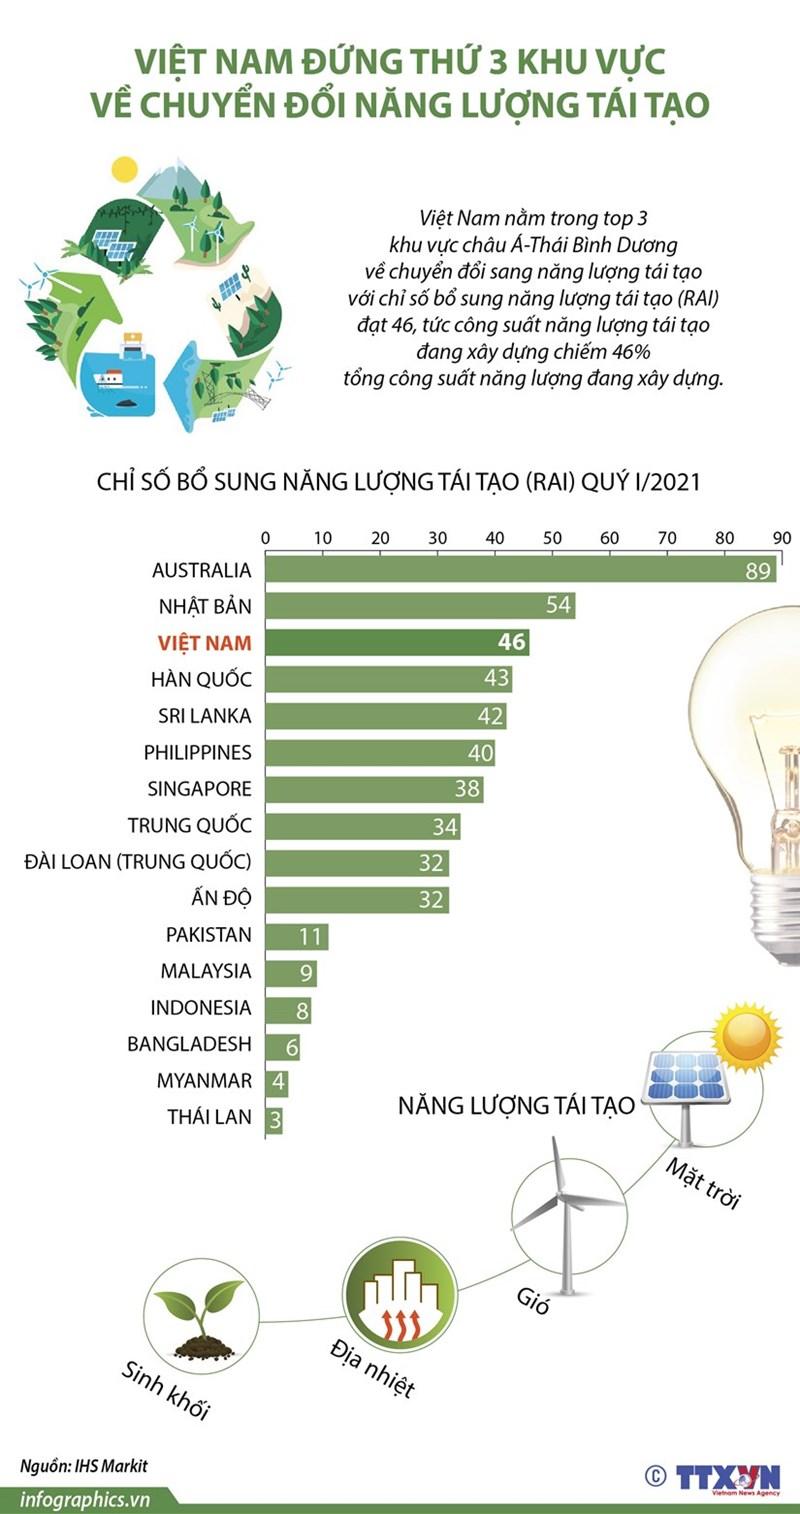 [Infographics] Vị trí của Việt Nam về chuyển đổi năng lượng tái tạo ở khu vực châu Á - Thái Bình Dương  - Ảnh 1